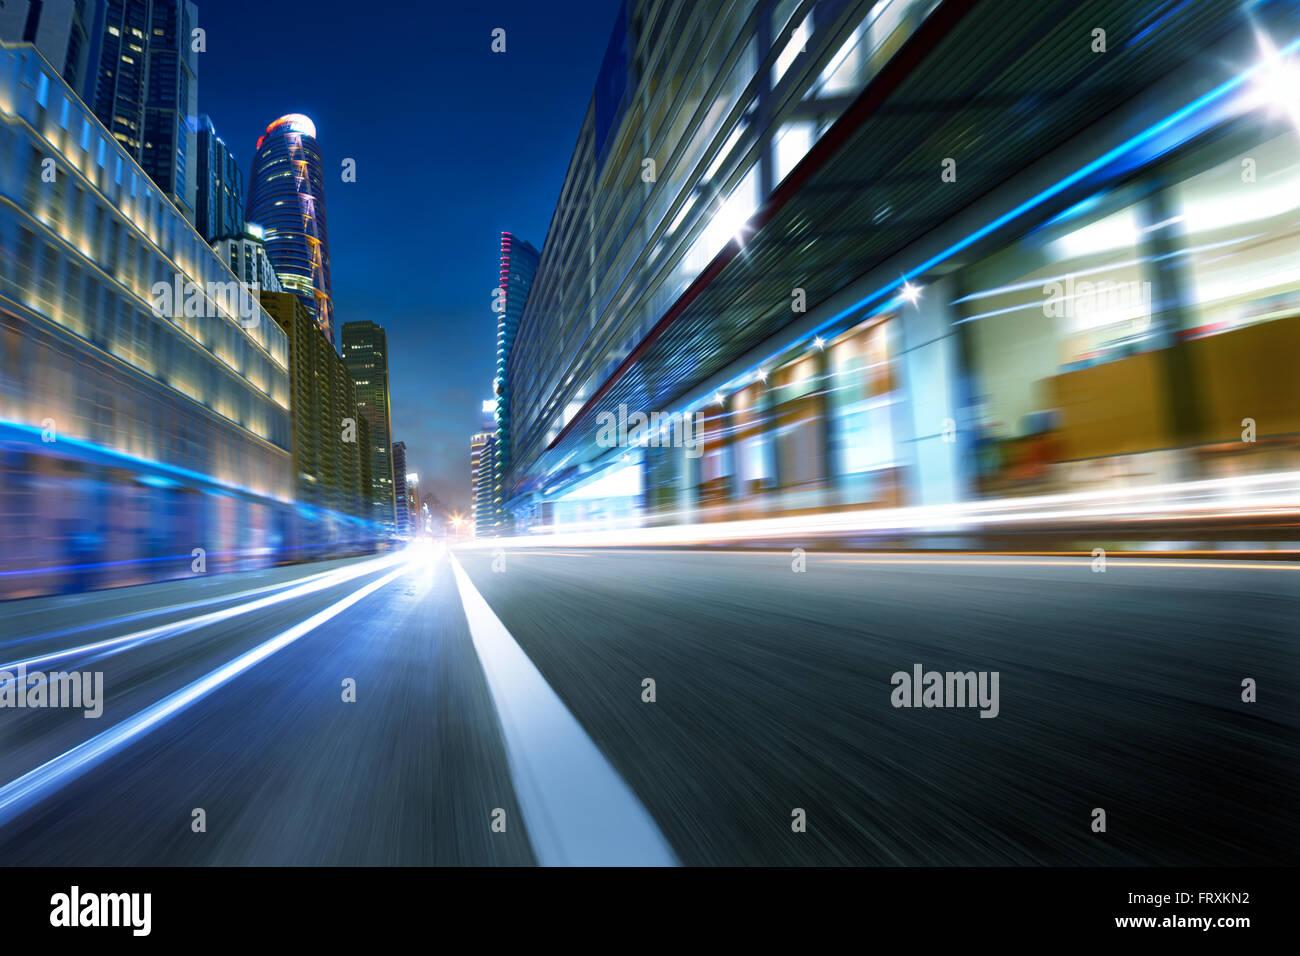 Umore freddo città strada motion blur sullo sfondo Immagini Stock